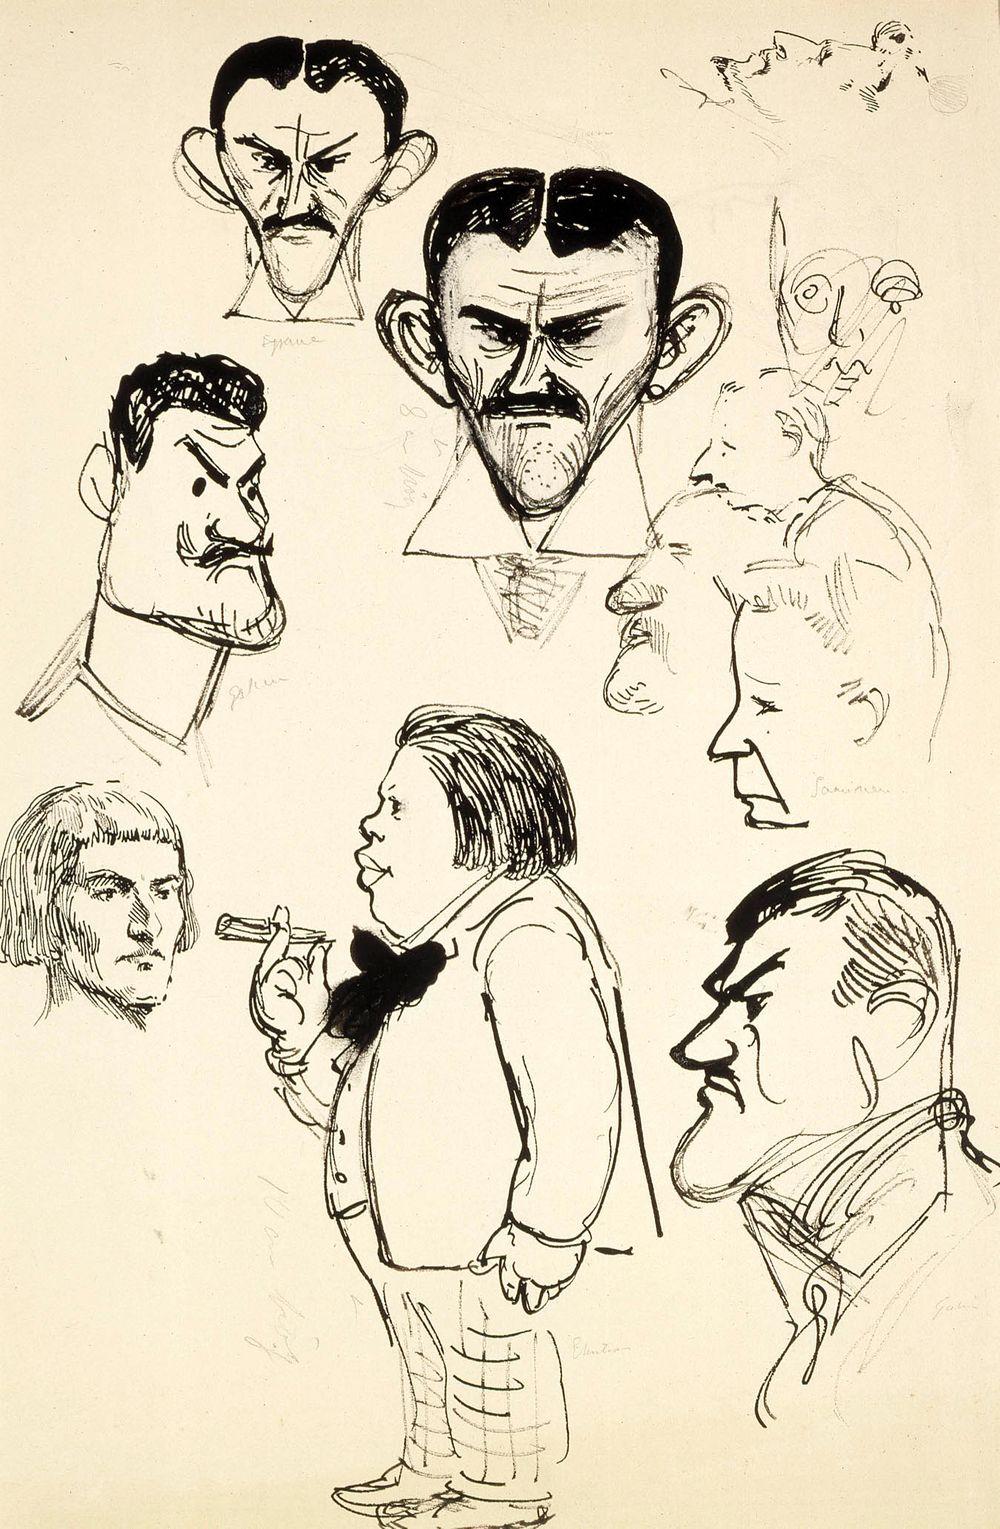 Karikatyyrit taiteilija Eric Ehrströmistä, Axel Gallenista (2 grafiikanlehteä), Louis Sparresta (2 grafiikanlehteä), Eliel Saarisesta ym.